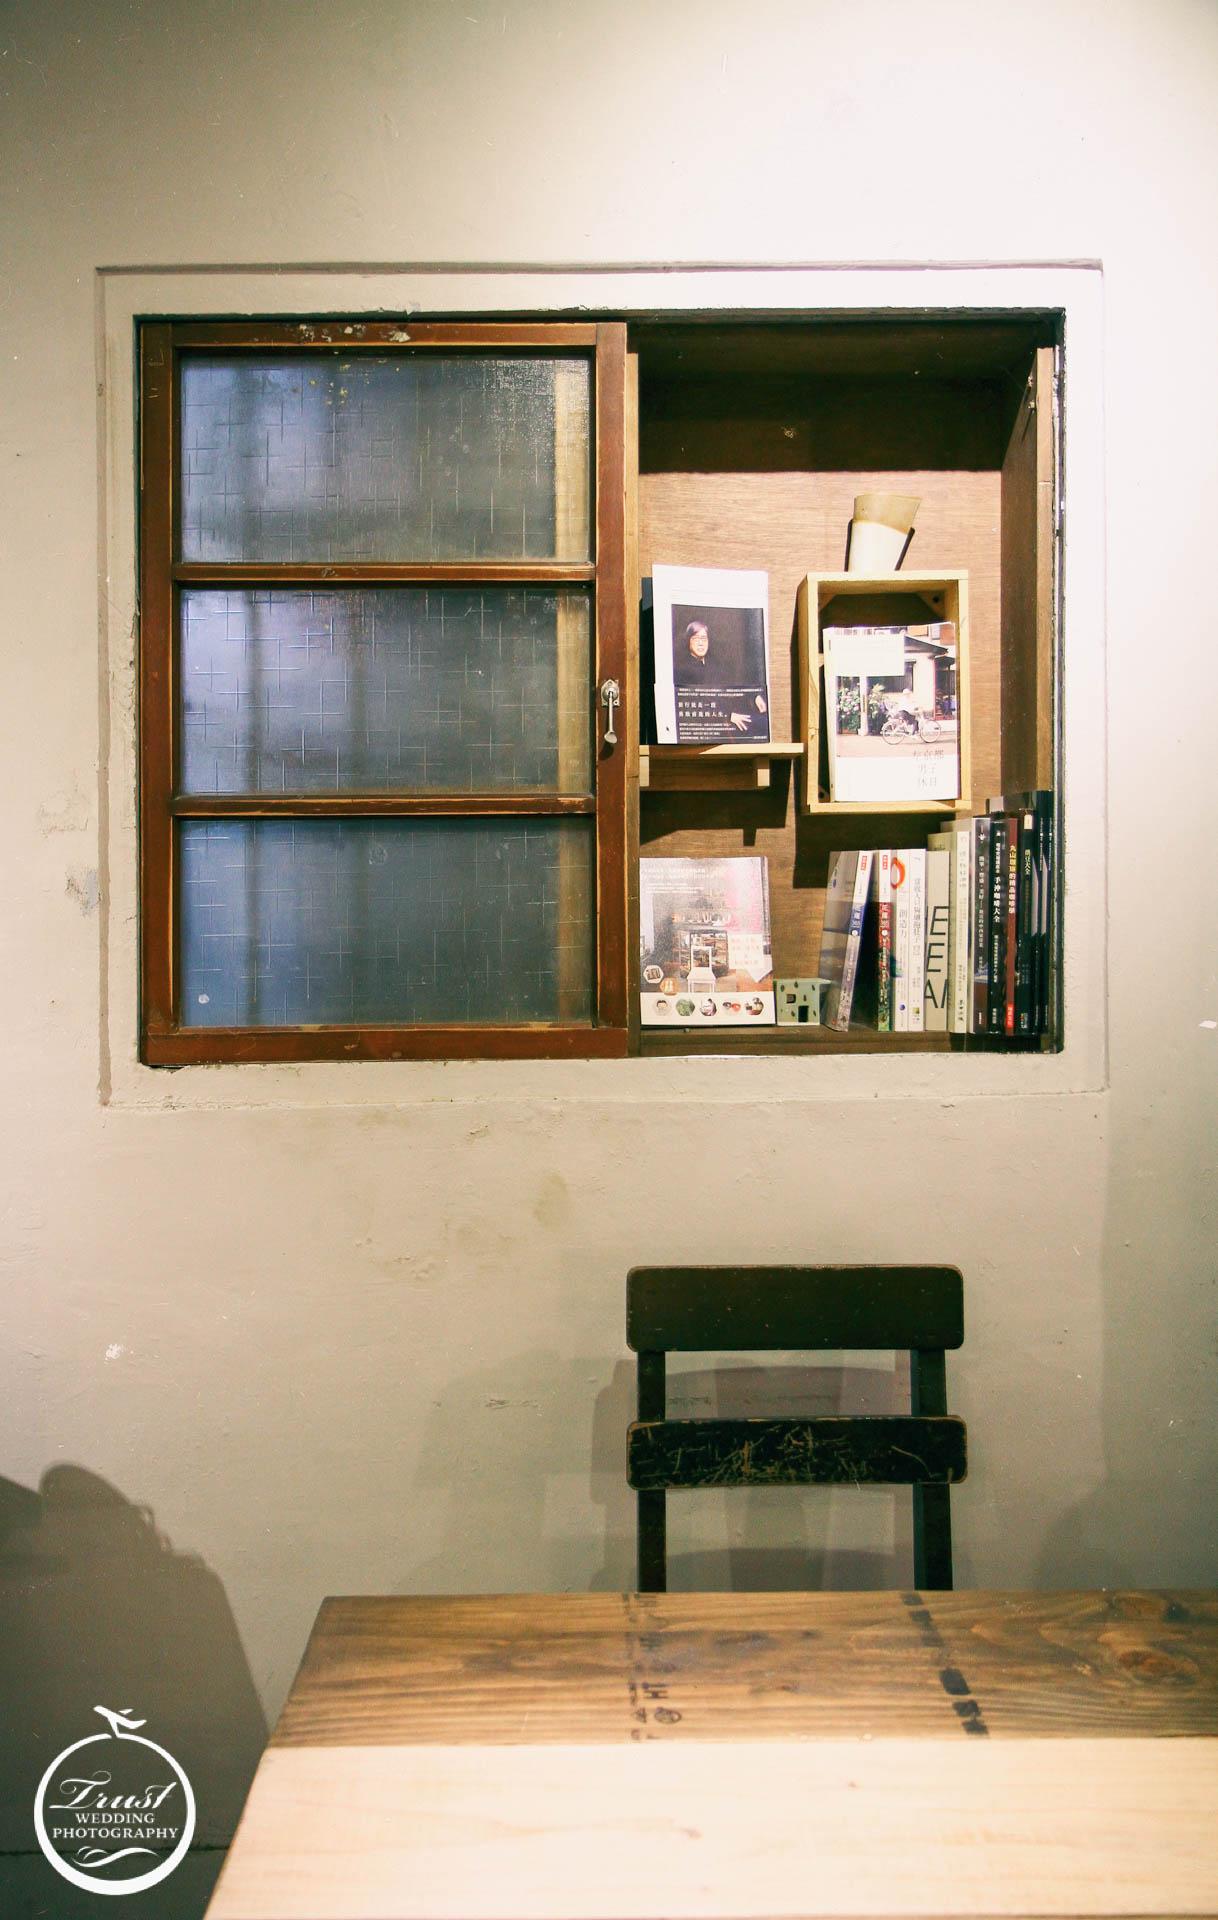 室內設計裝潢攝影